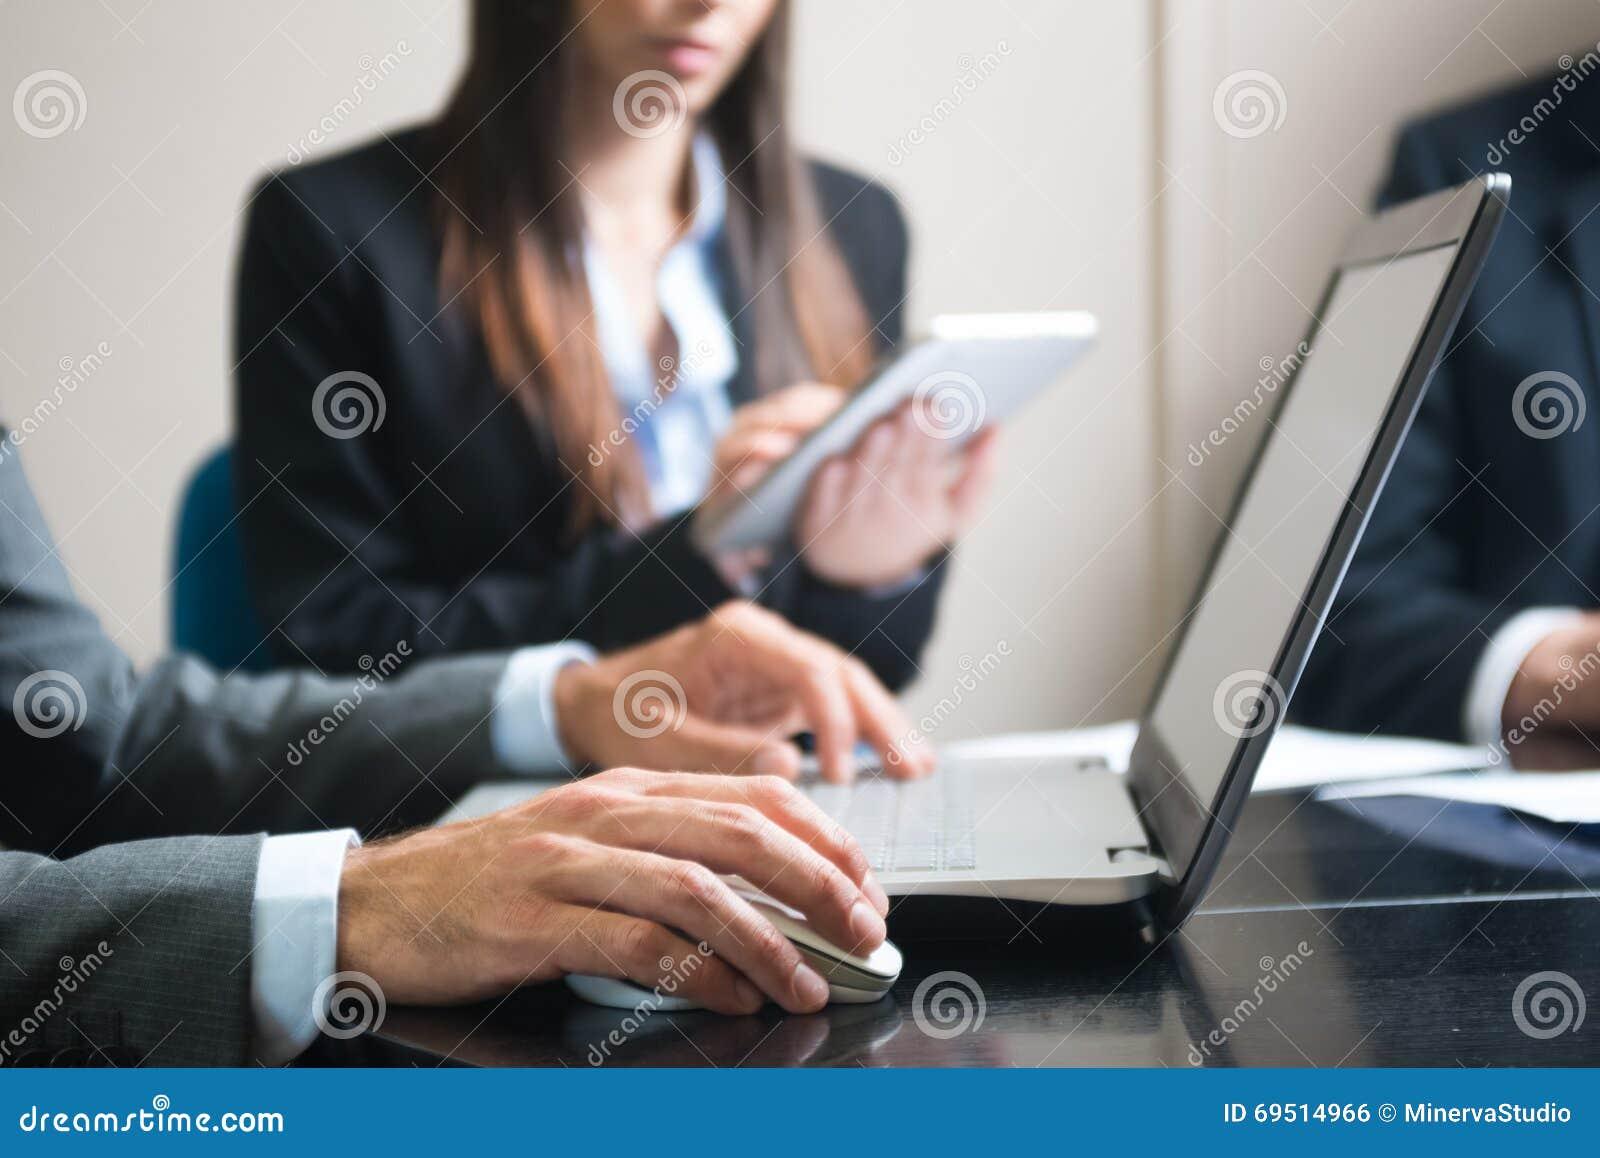 Бизнесмен используя его портативный компьютер во время встречи